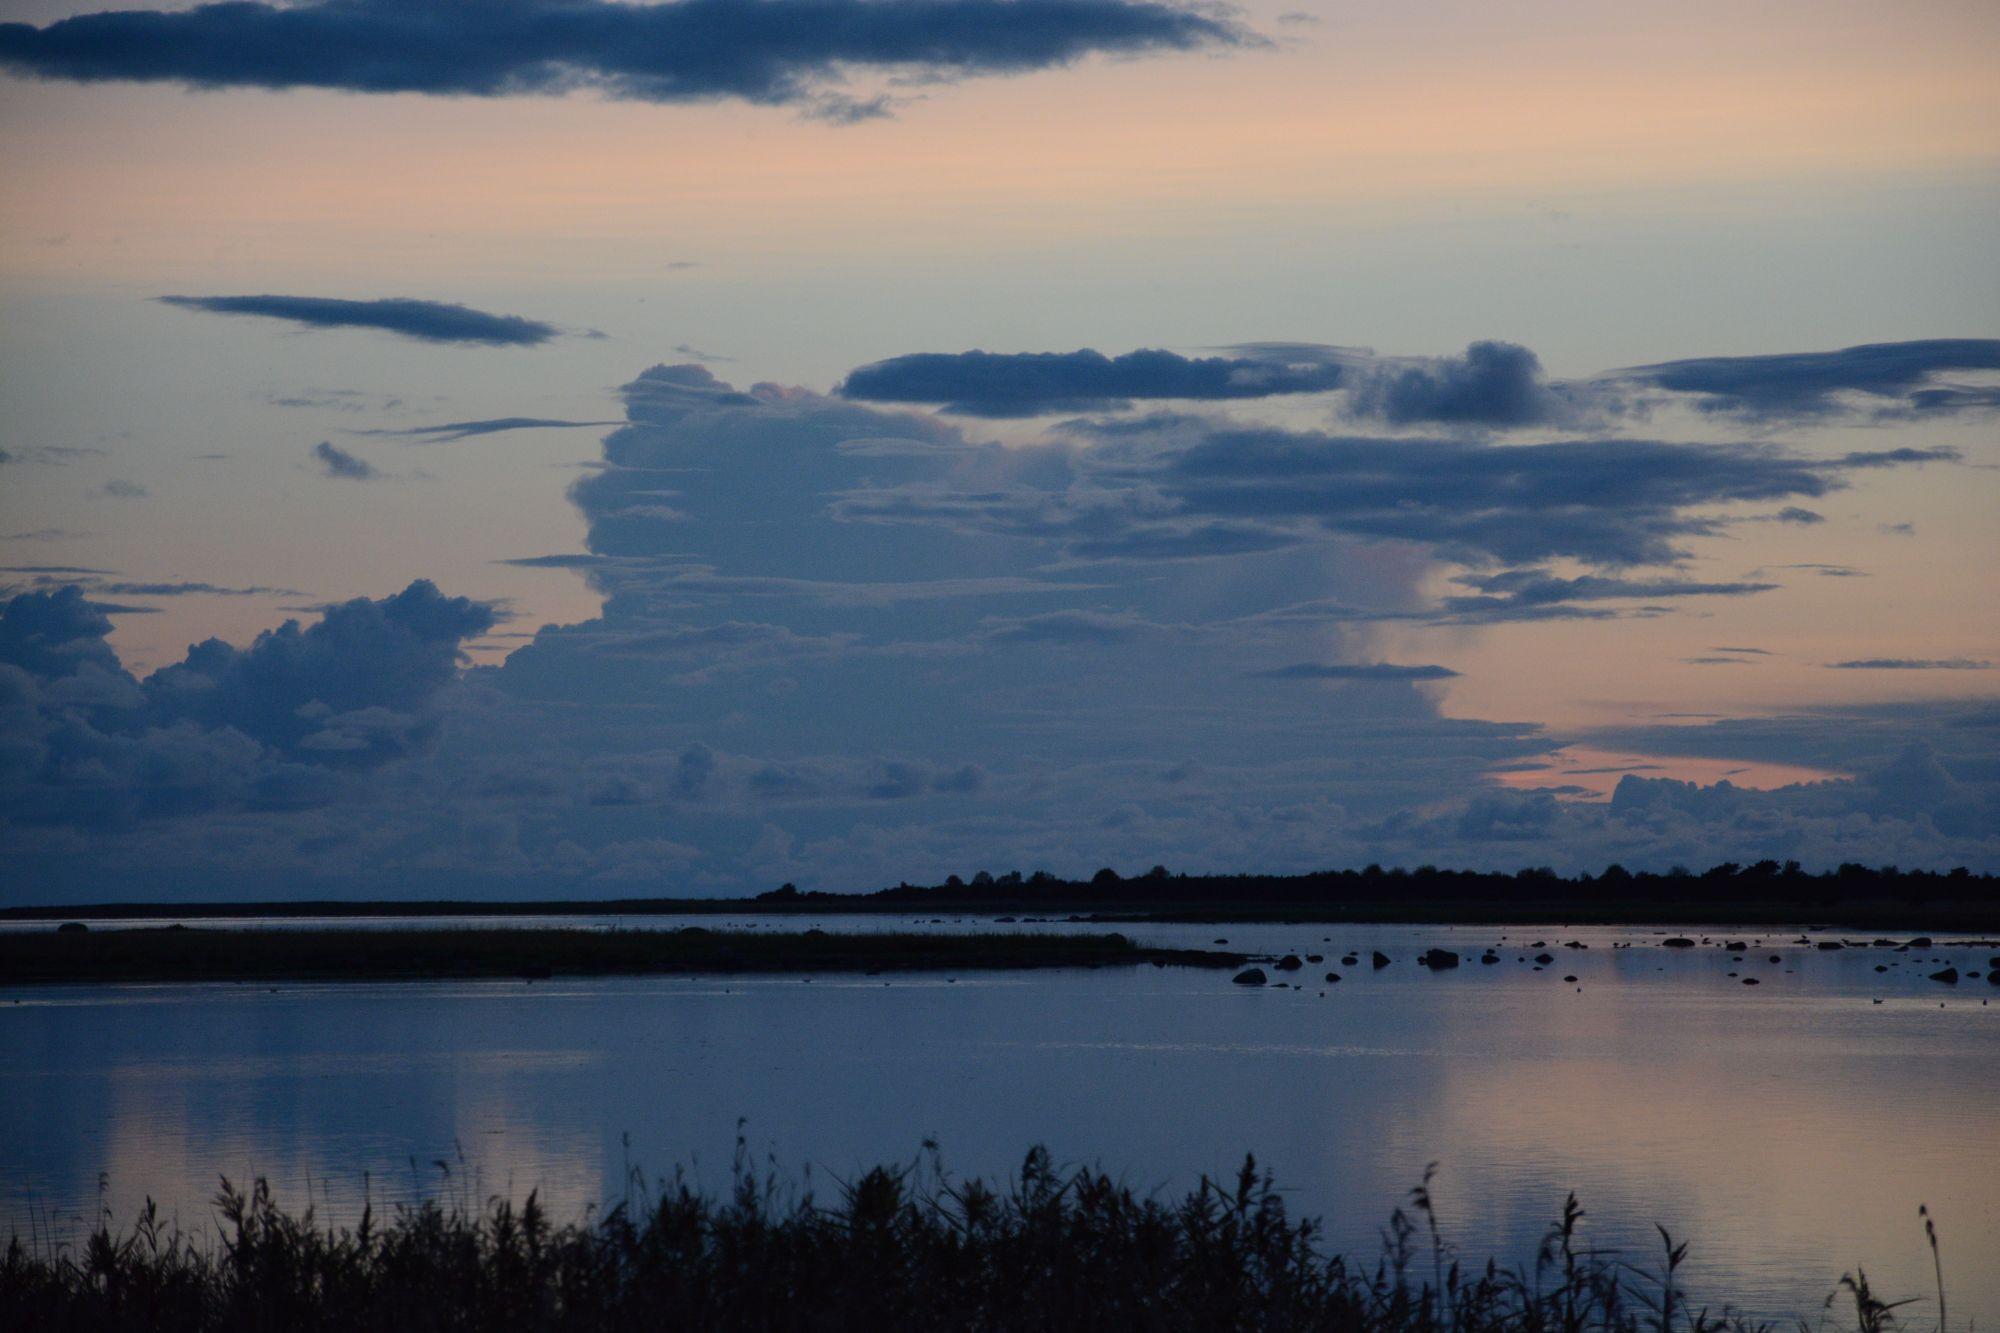 Õhtune vaikelu Vikati sadama lähistel. Foto: Kadri Paomees.